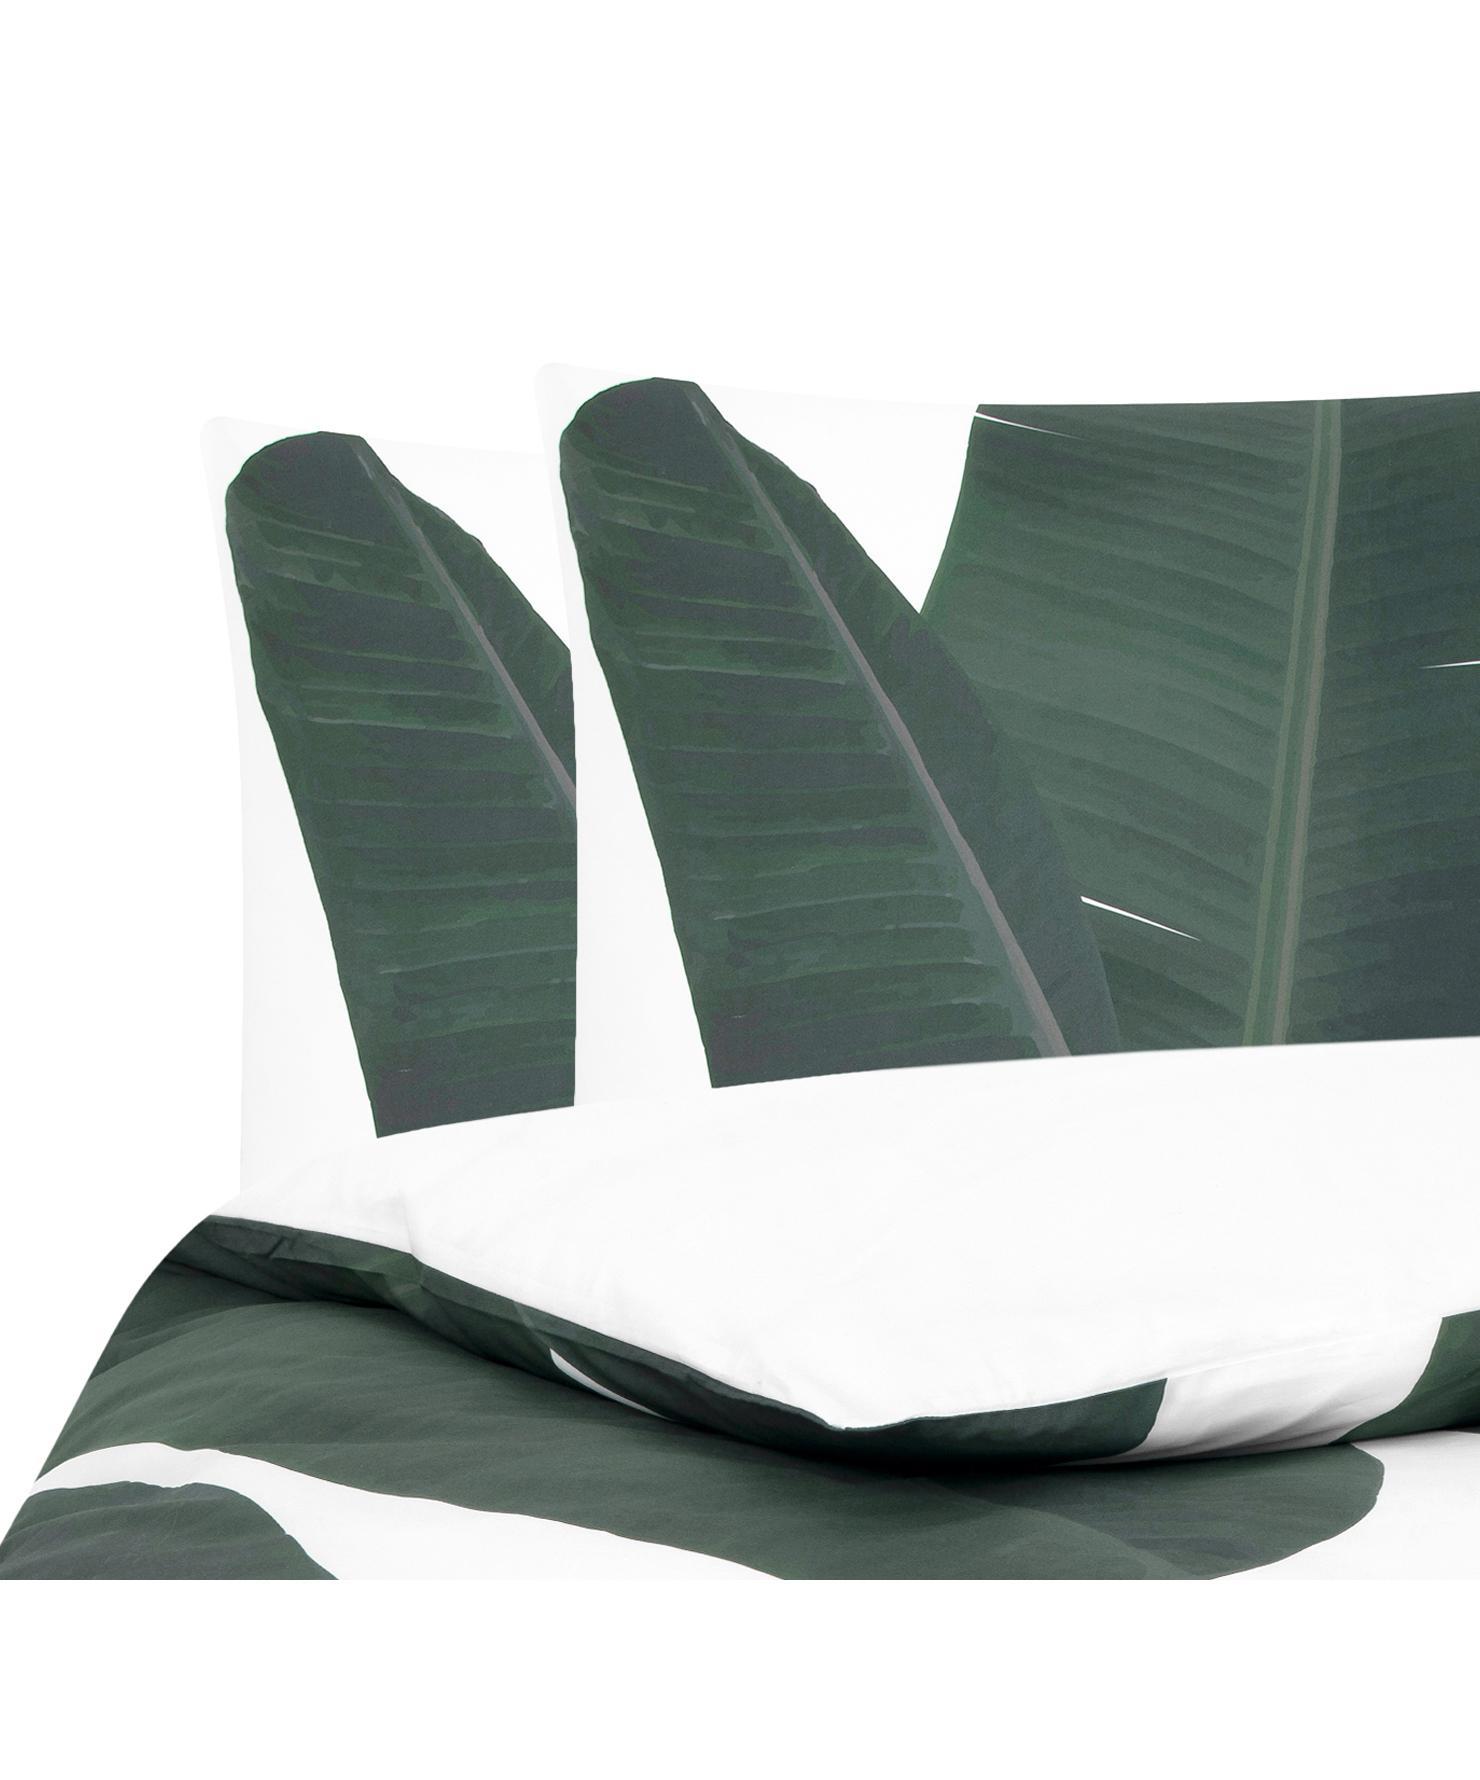 Baumwollperkal-Bettwäsche Banana mit Blattmotiv, Webart: Perkal Fadendichte 180 TC, Vorderseite: GrüntöneRückseite: Weiß, Uni, 240 x 220 cm + 2 Kissen 80 x 80 cm